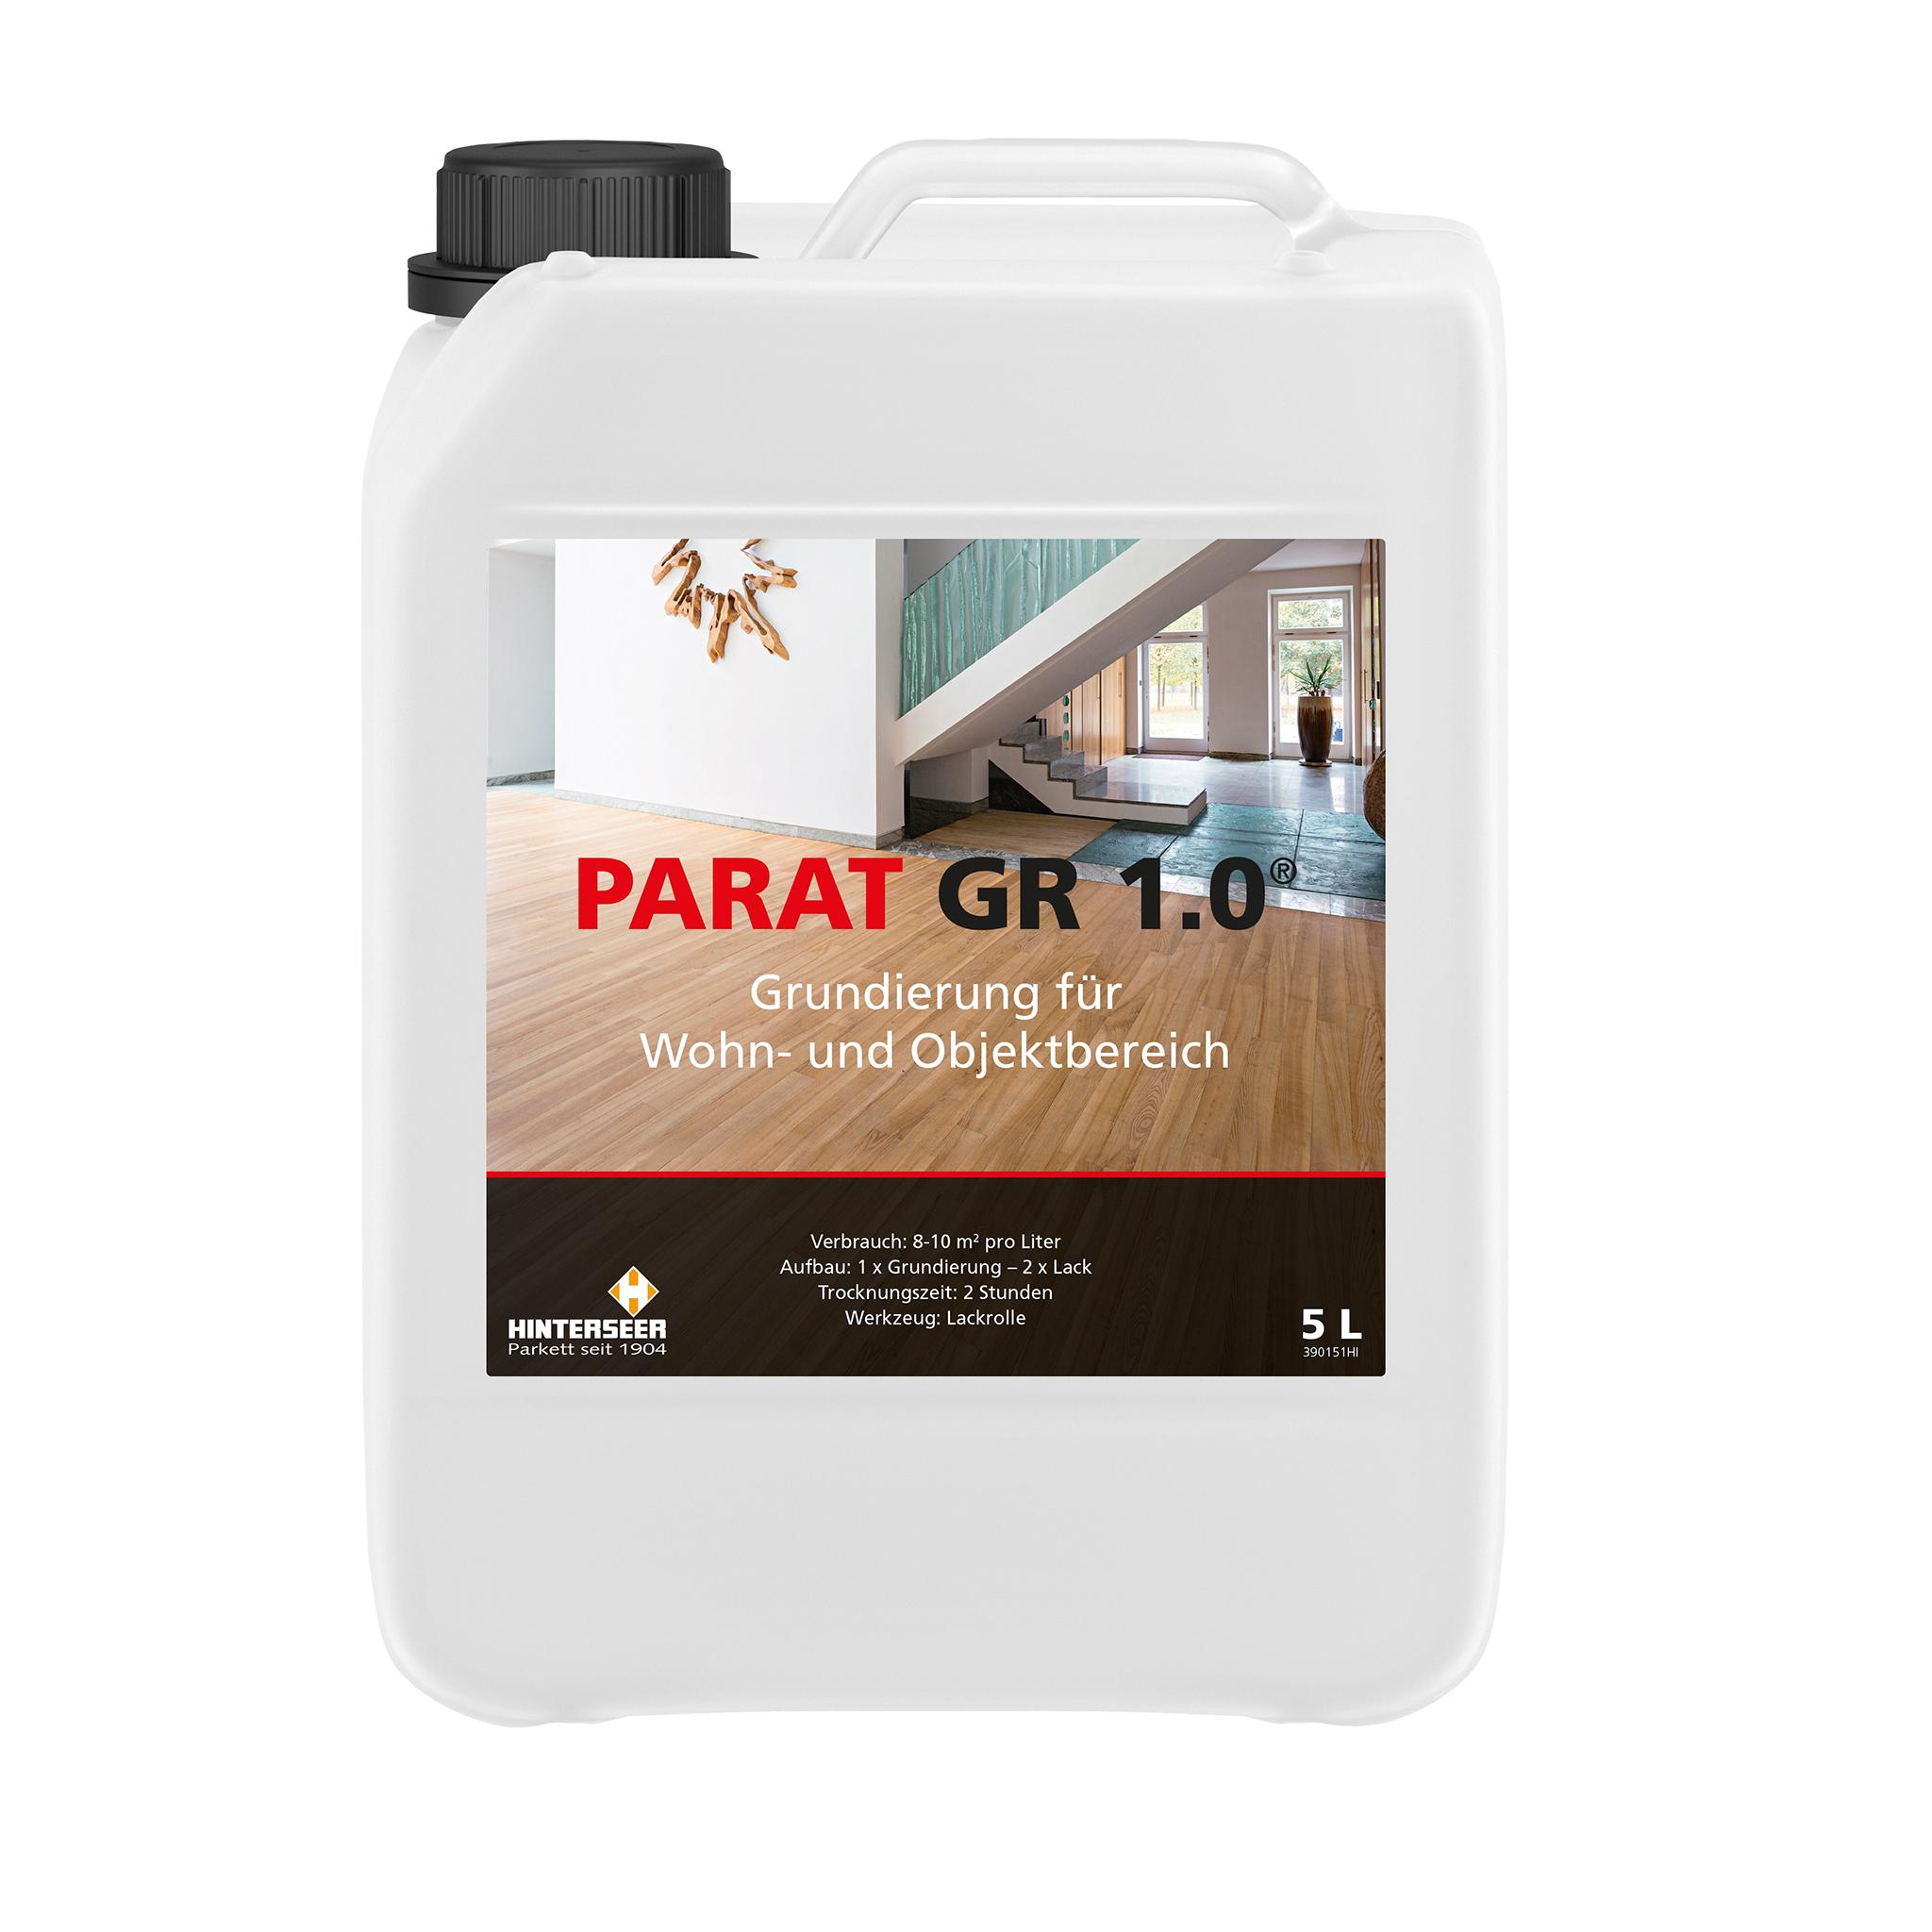 PARAT GR 1.0 Grundierung 5 Ltr.